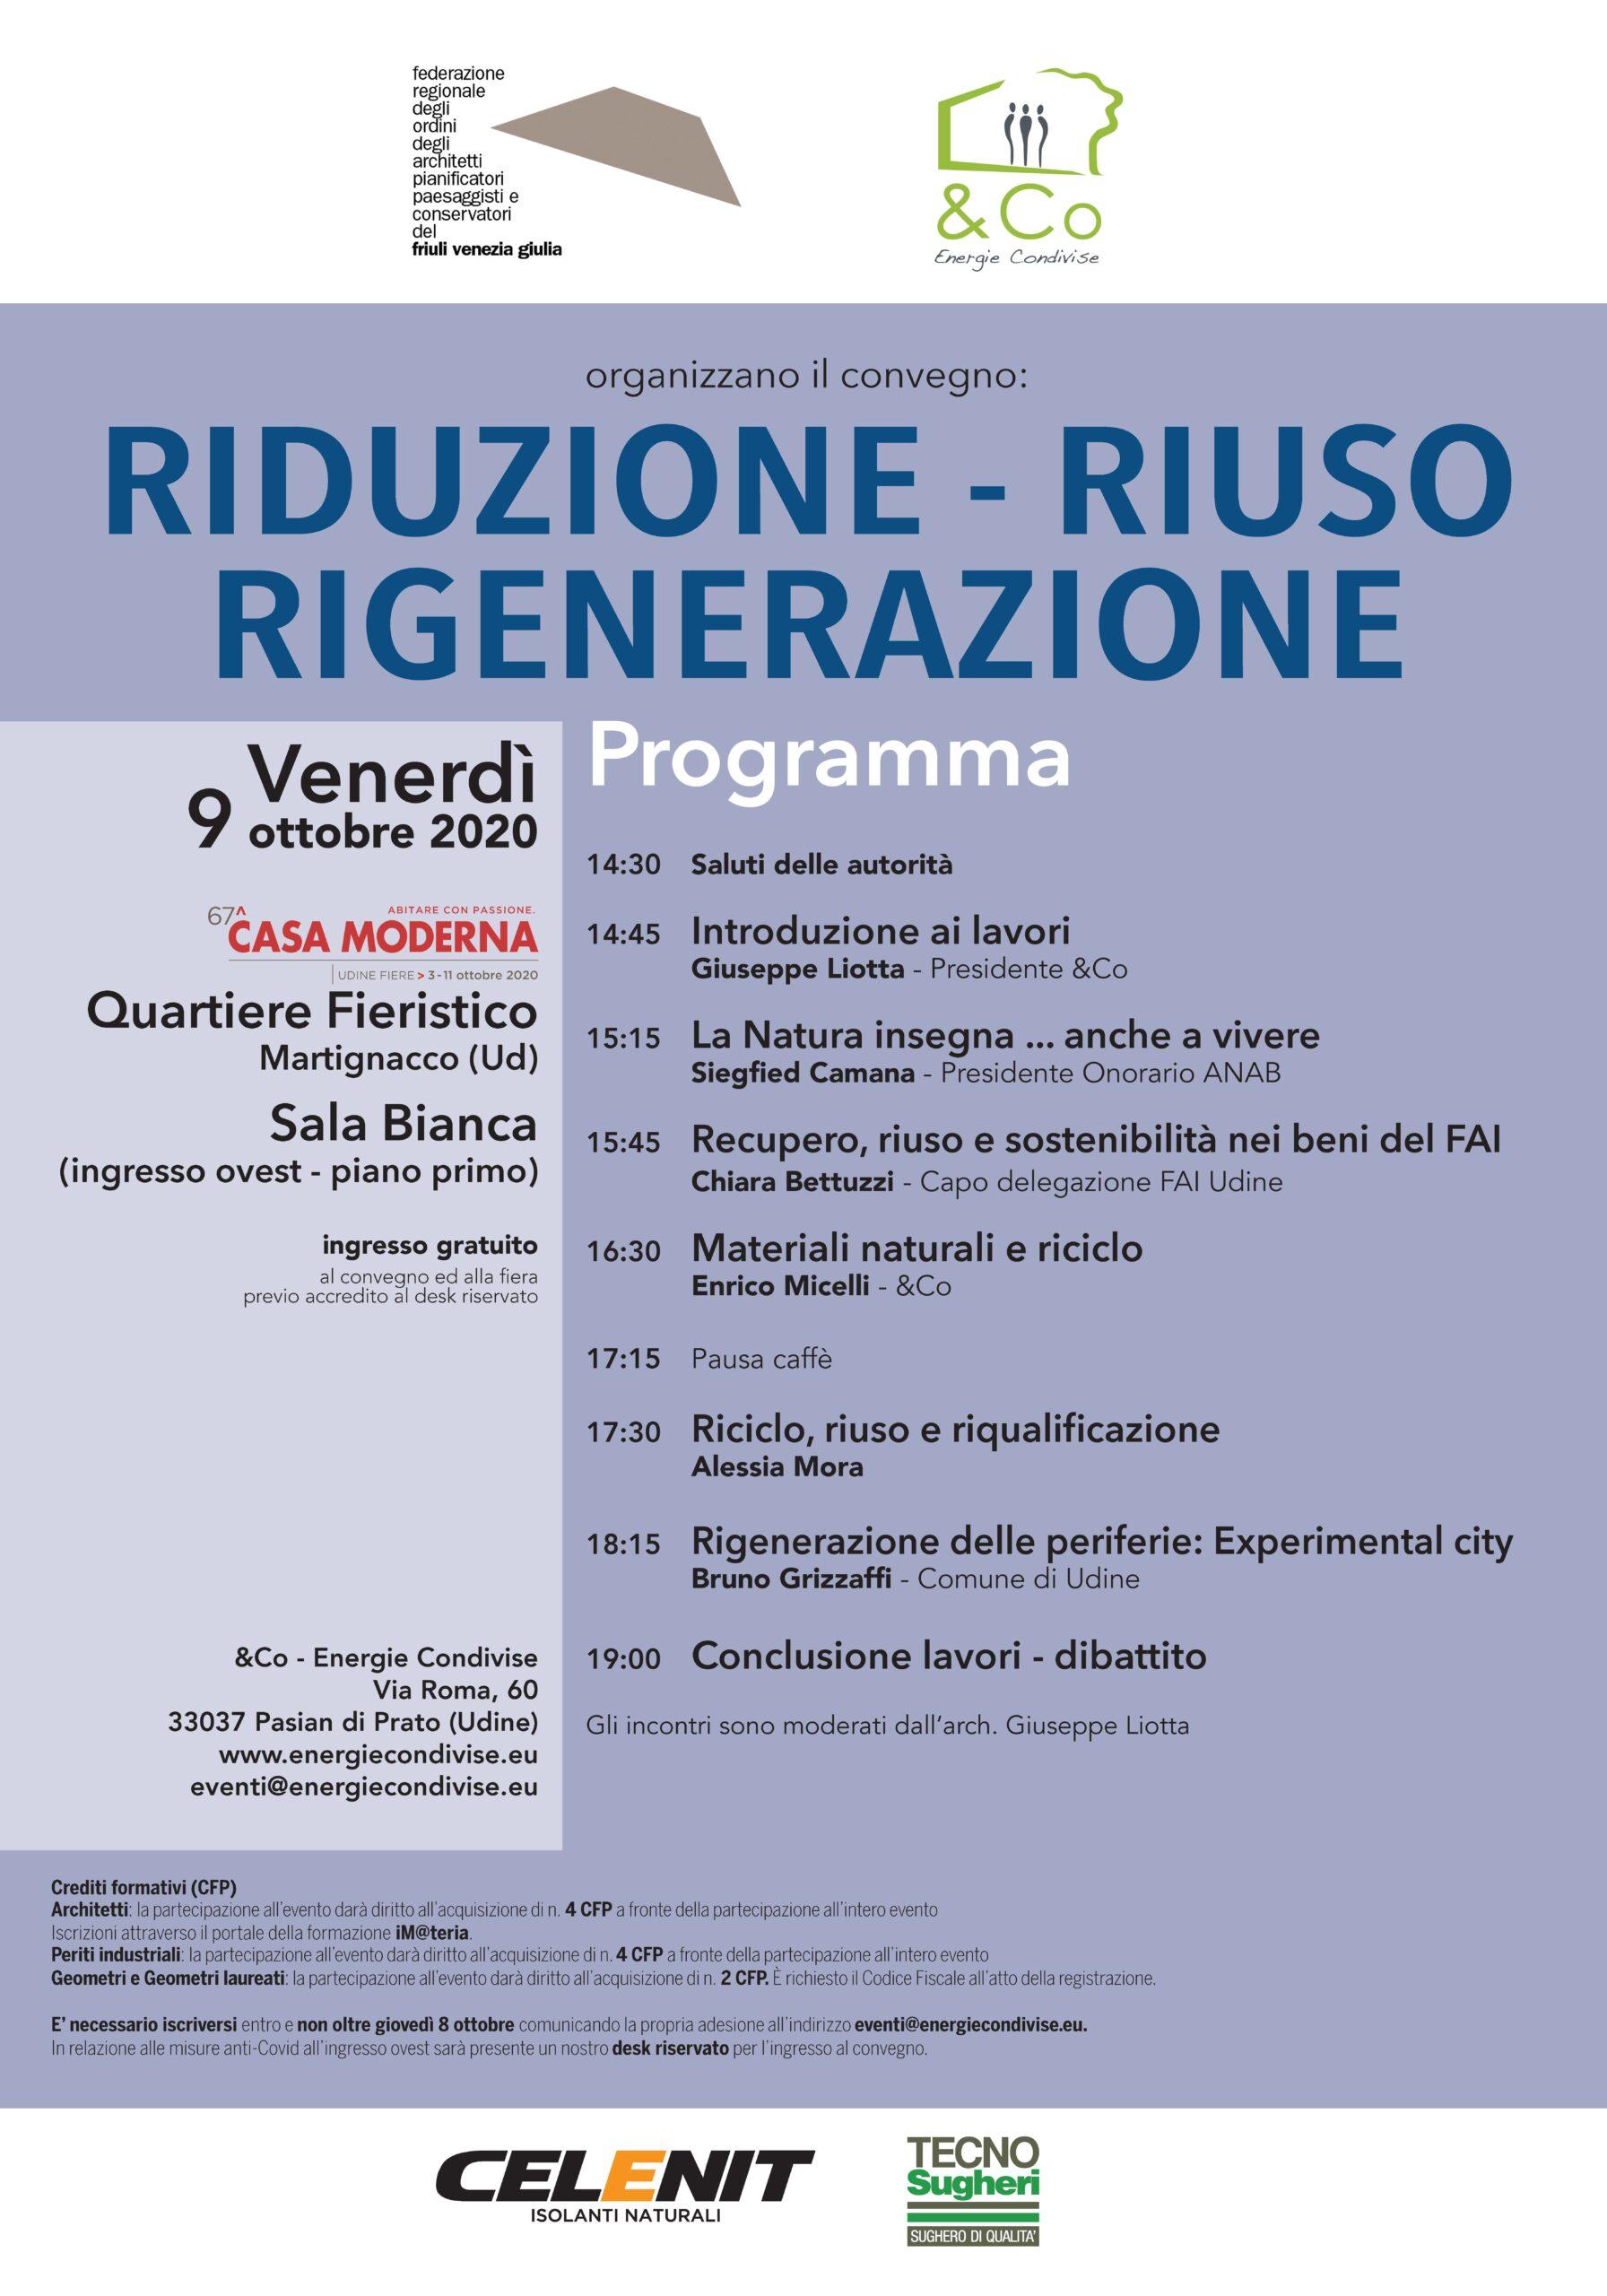 Tecnosugheri sponsor del convegno &co presso CasaModerna Udine